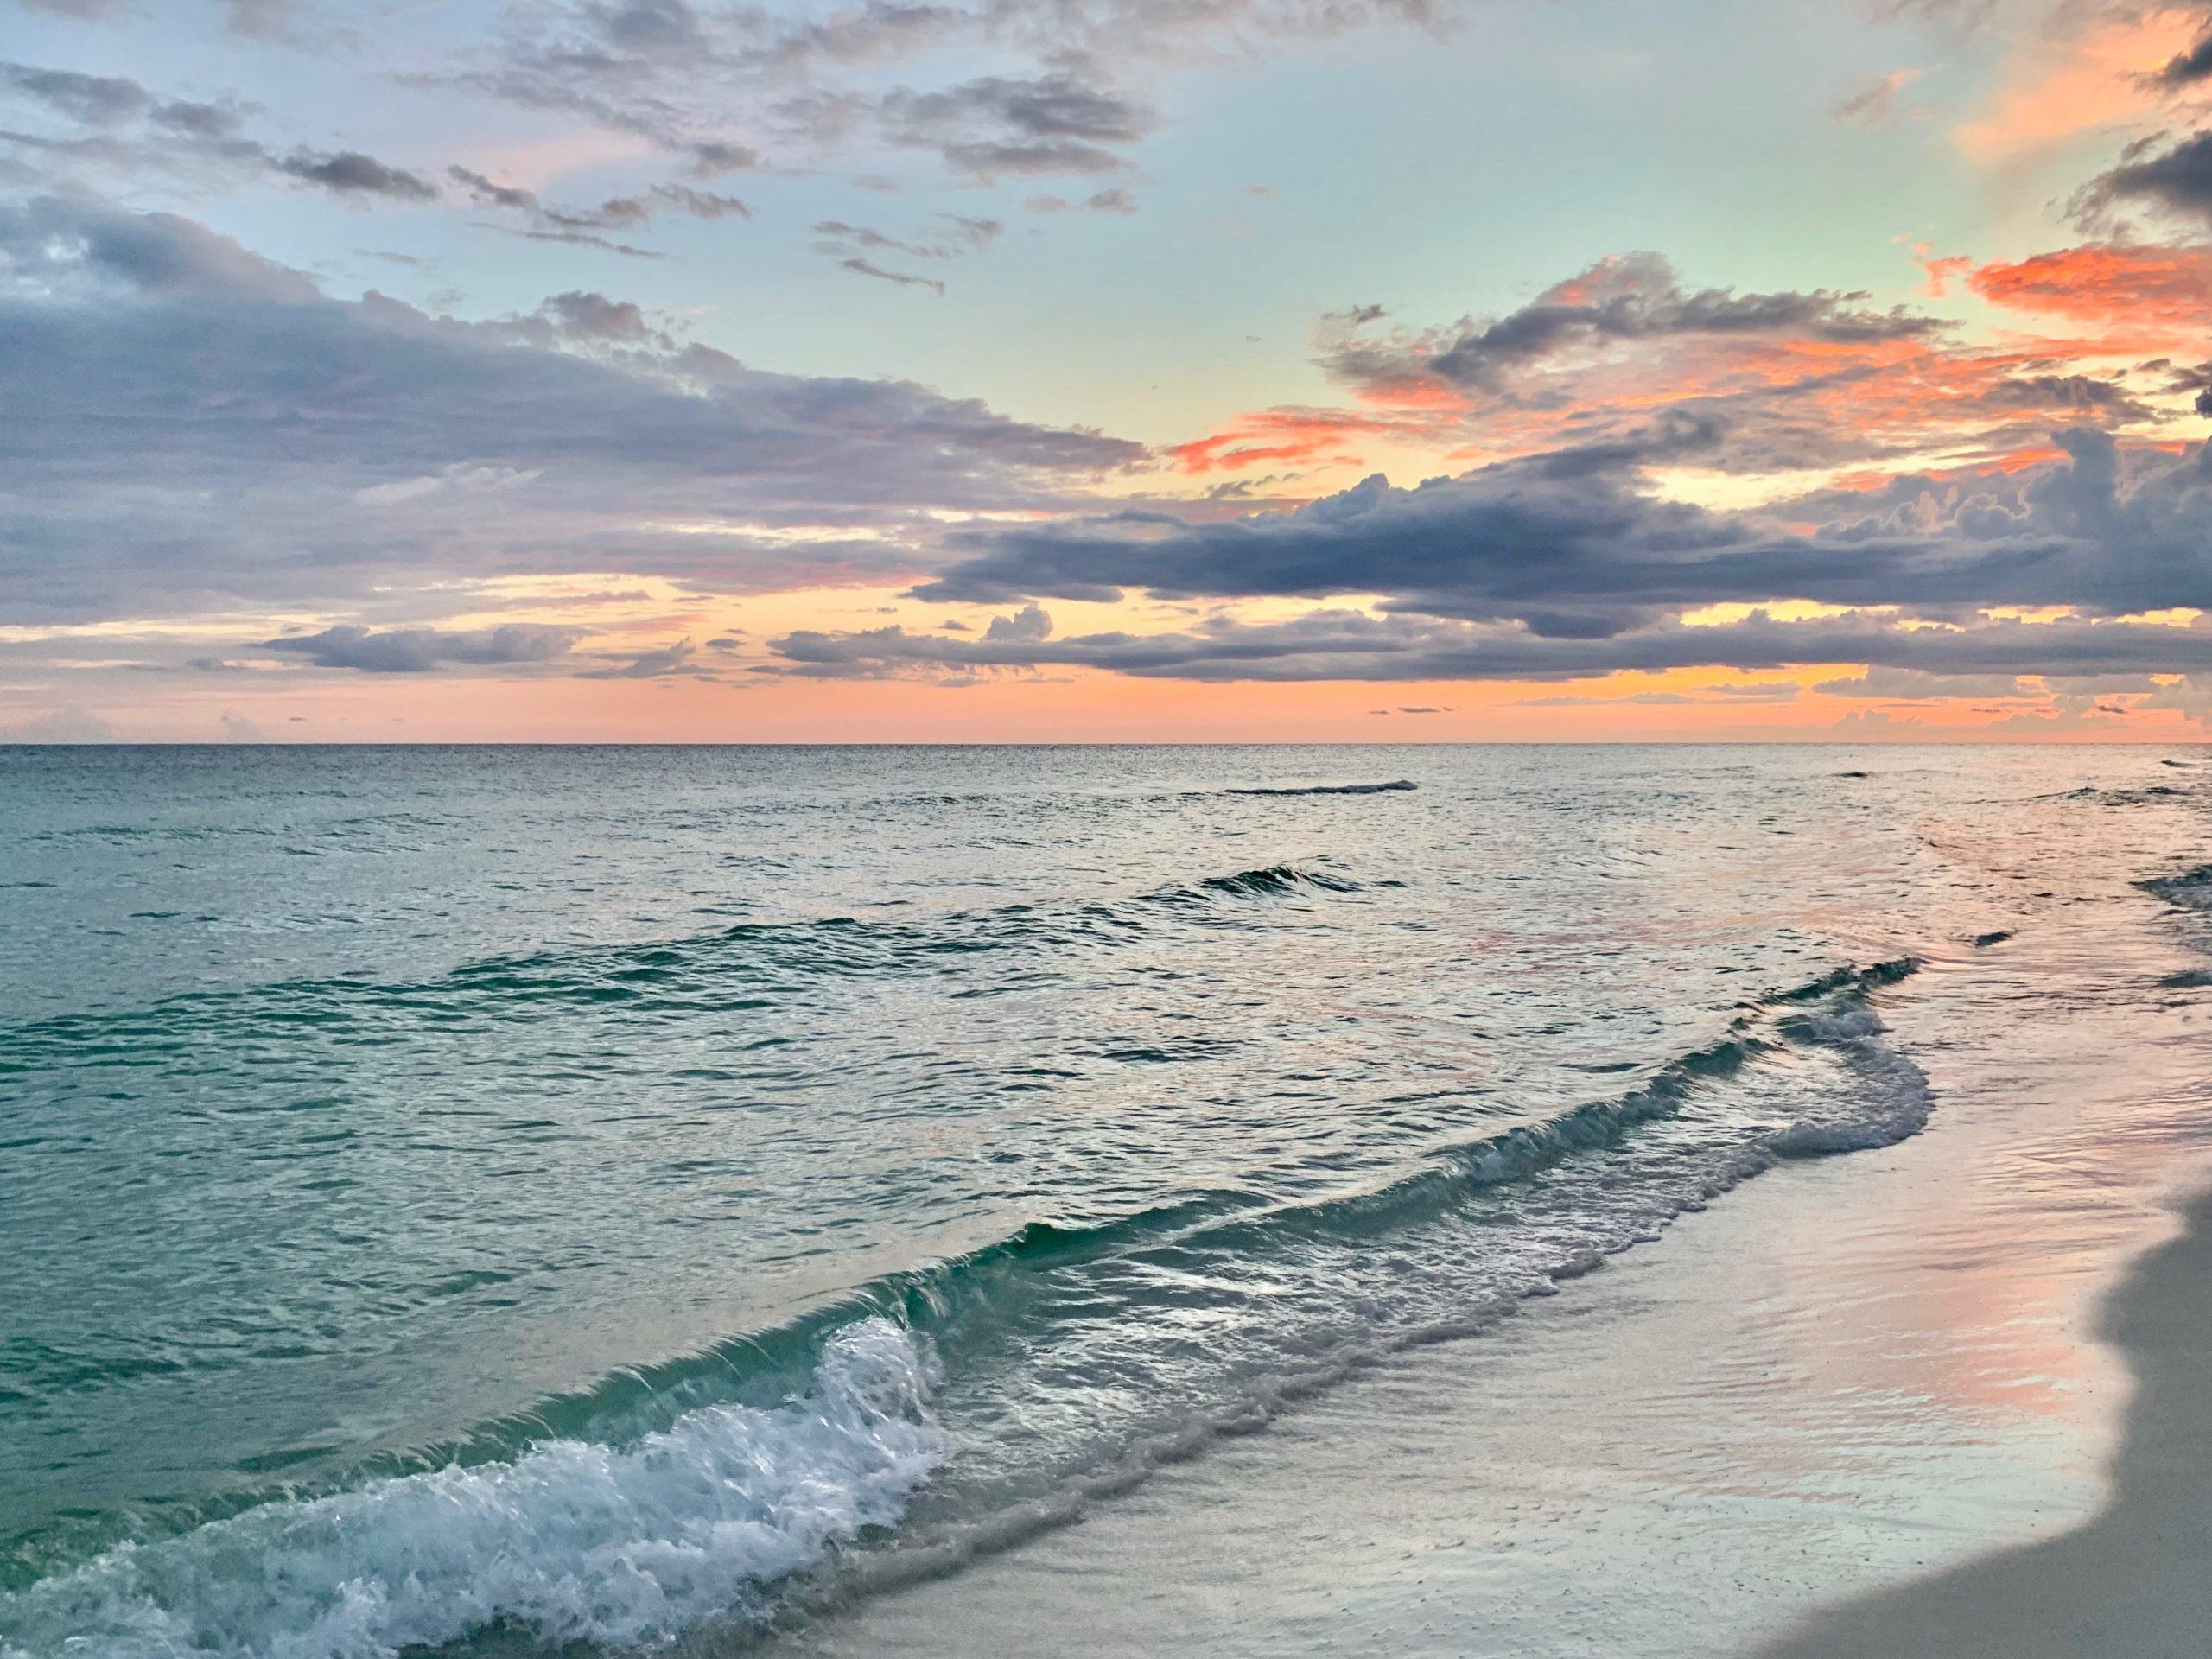 sunset at Miramar Beach, South Walton, Florida